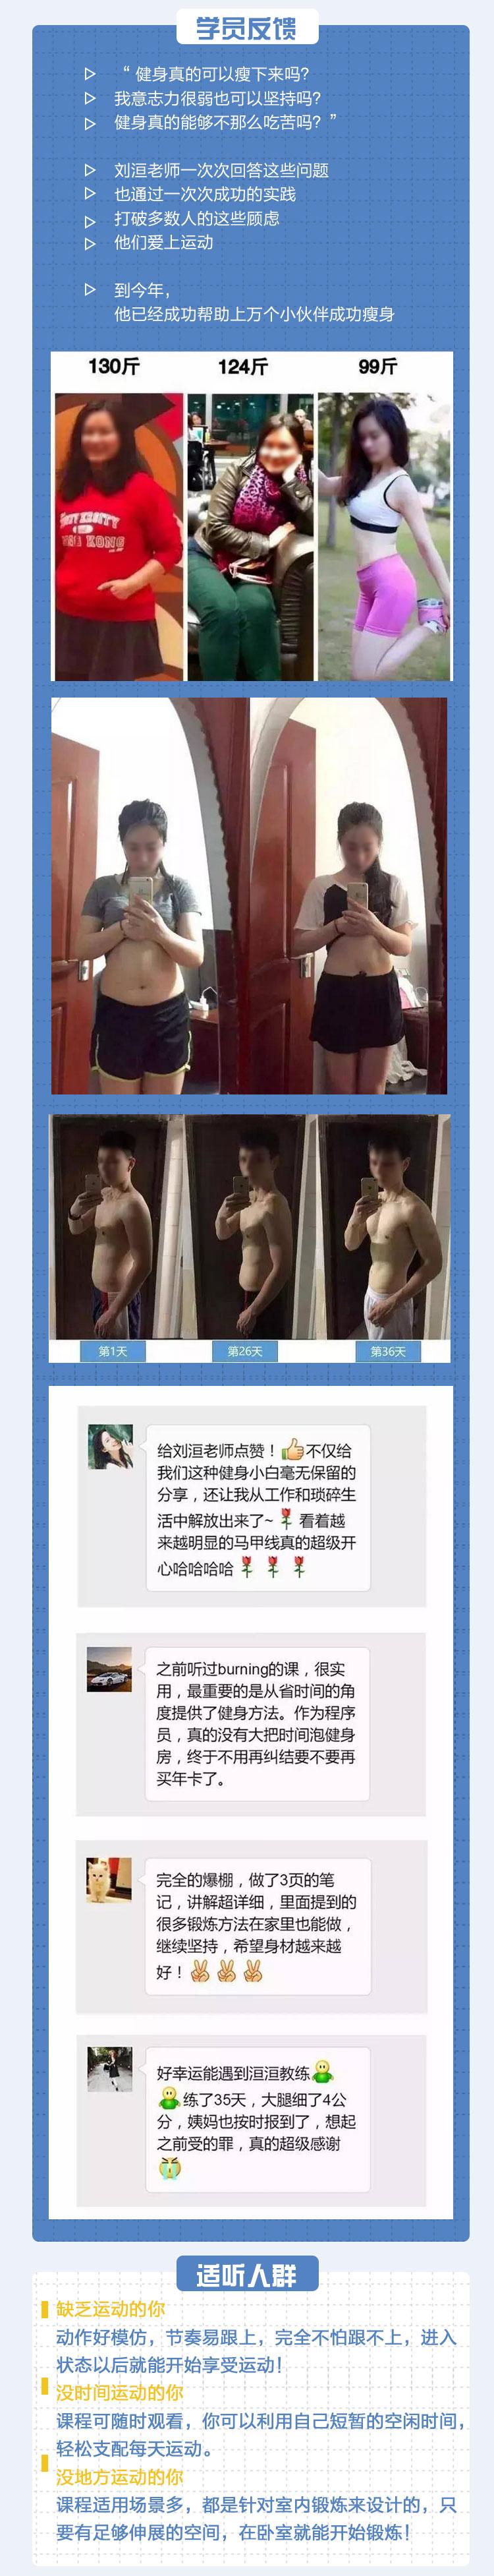 健身详情页_03.jpg